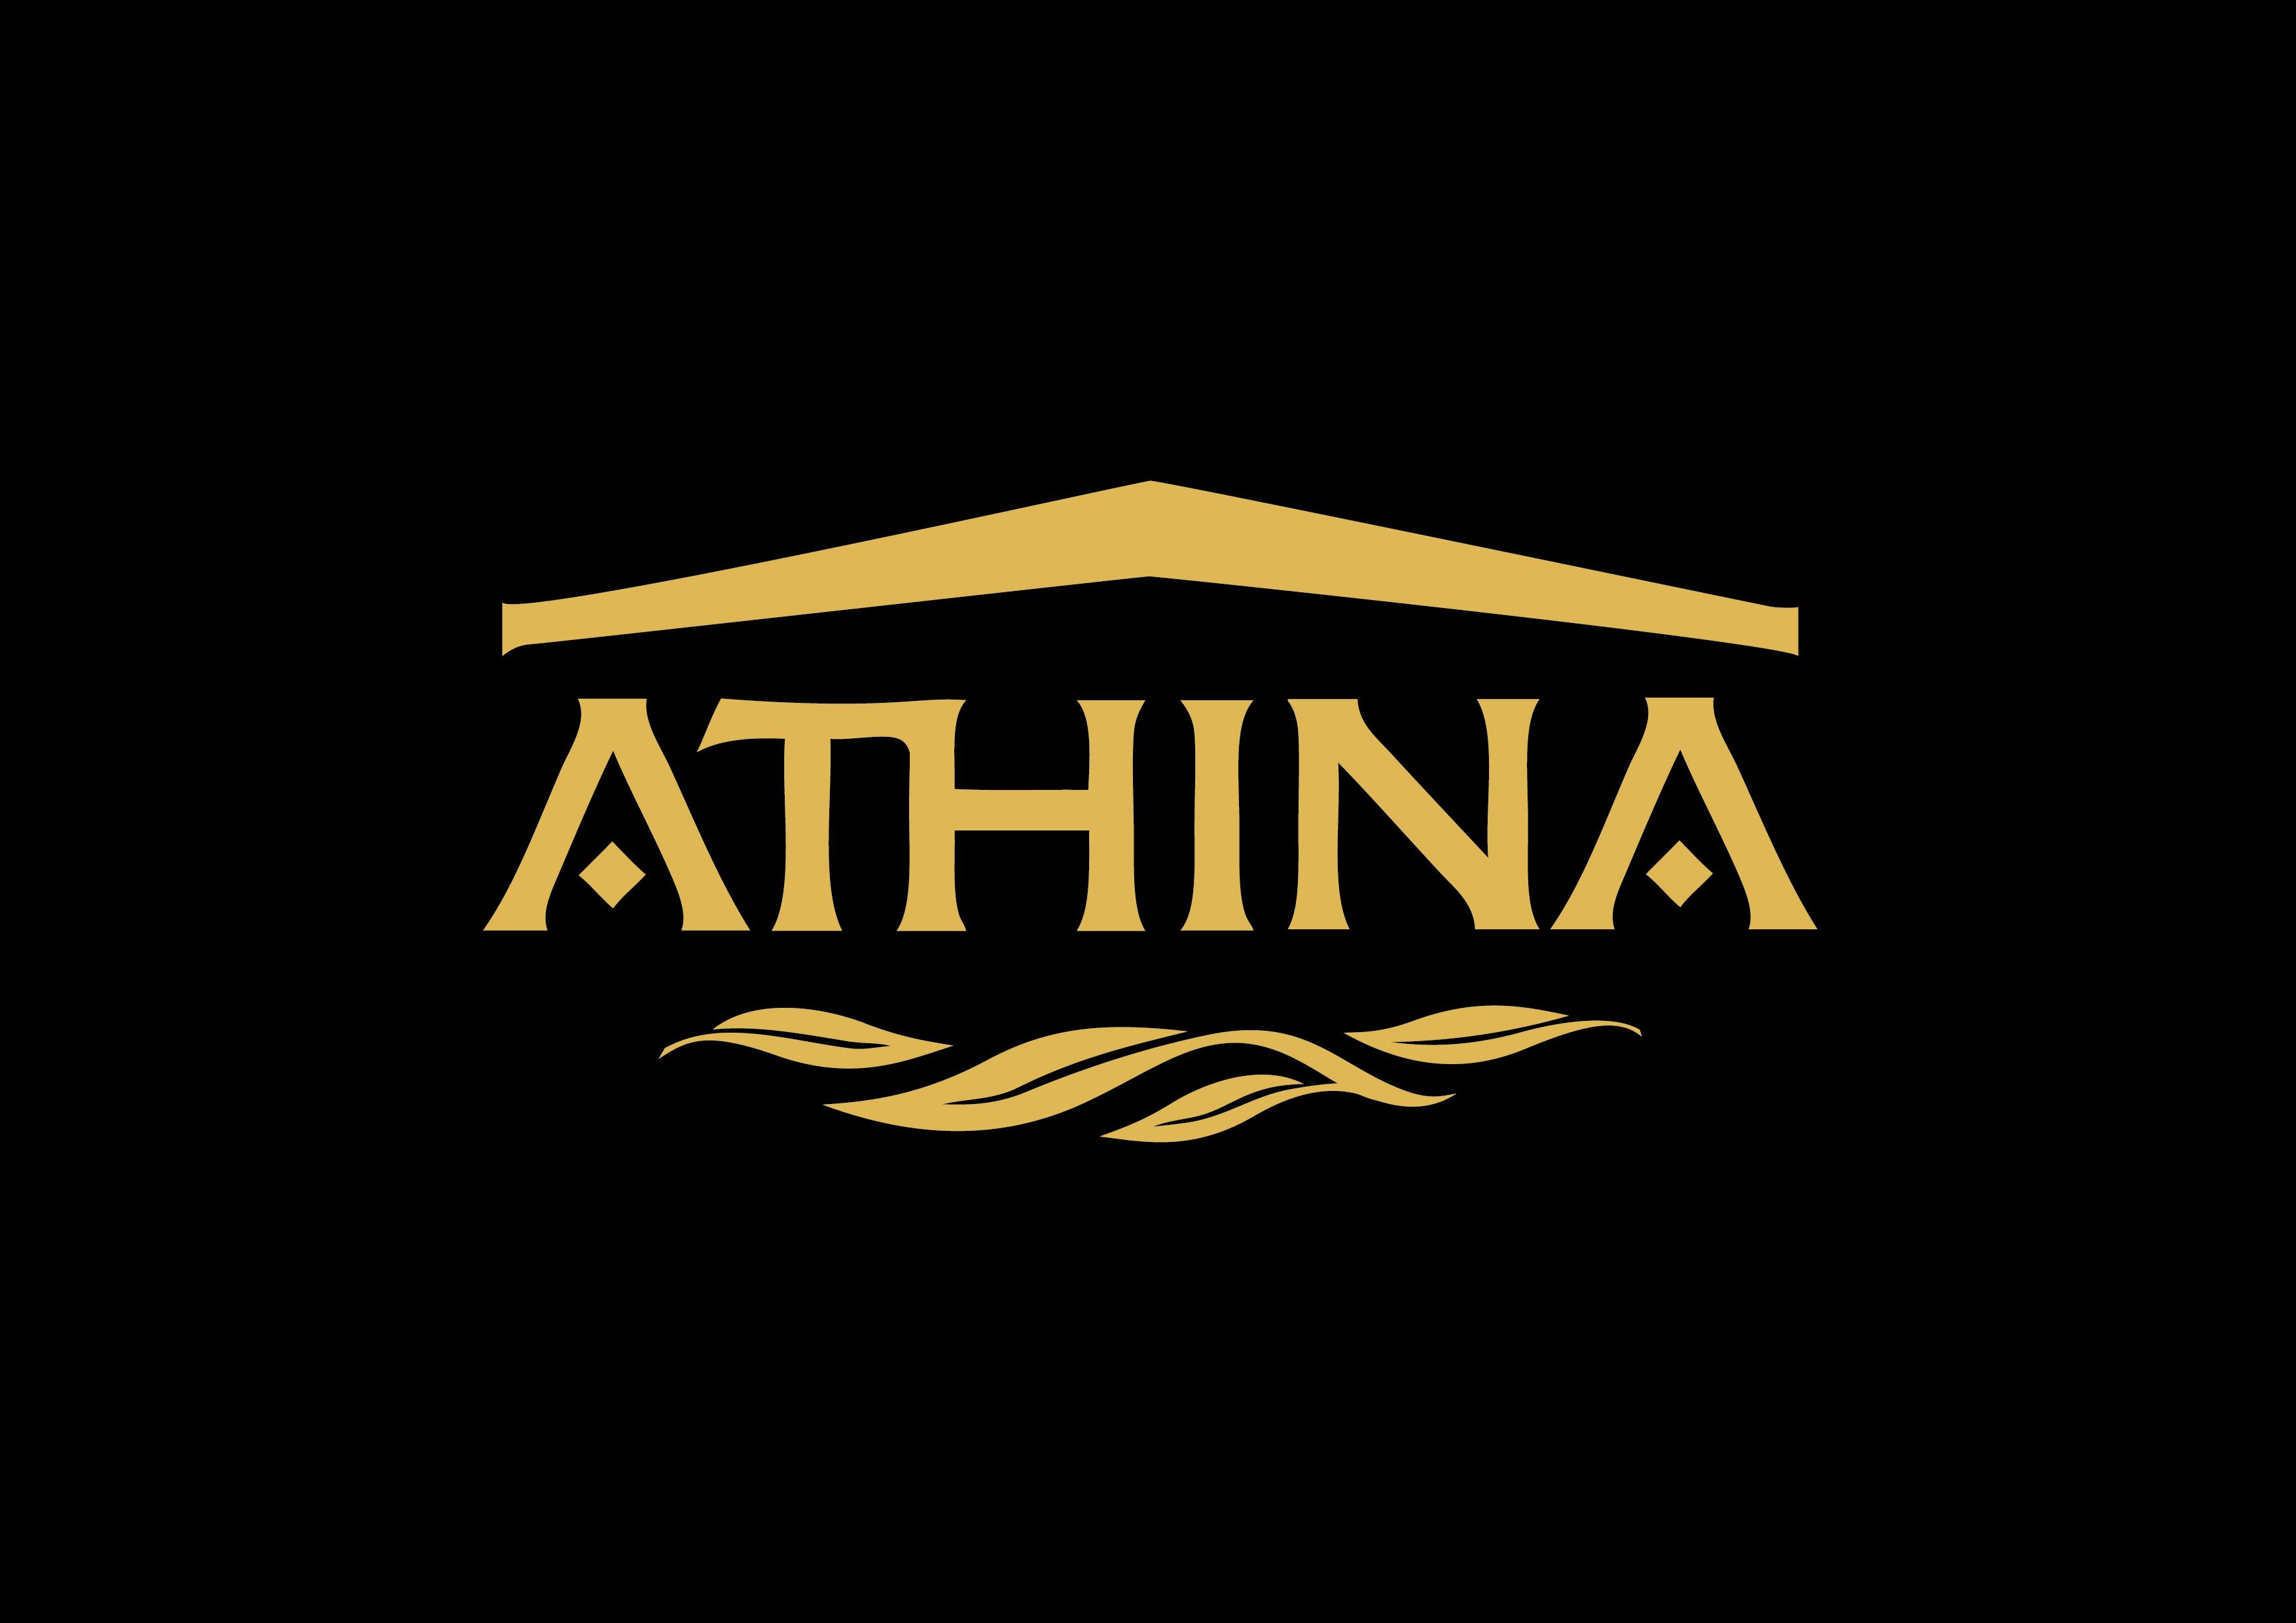 Athina-logo 04 2013